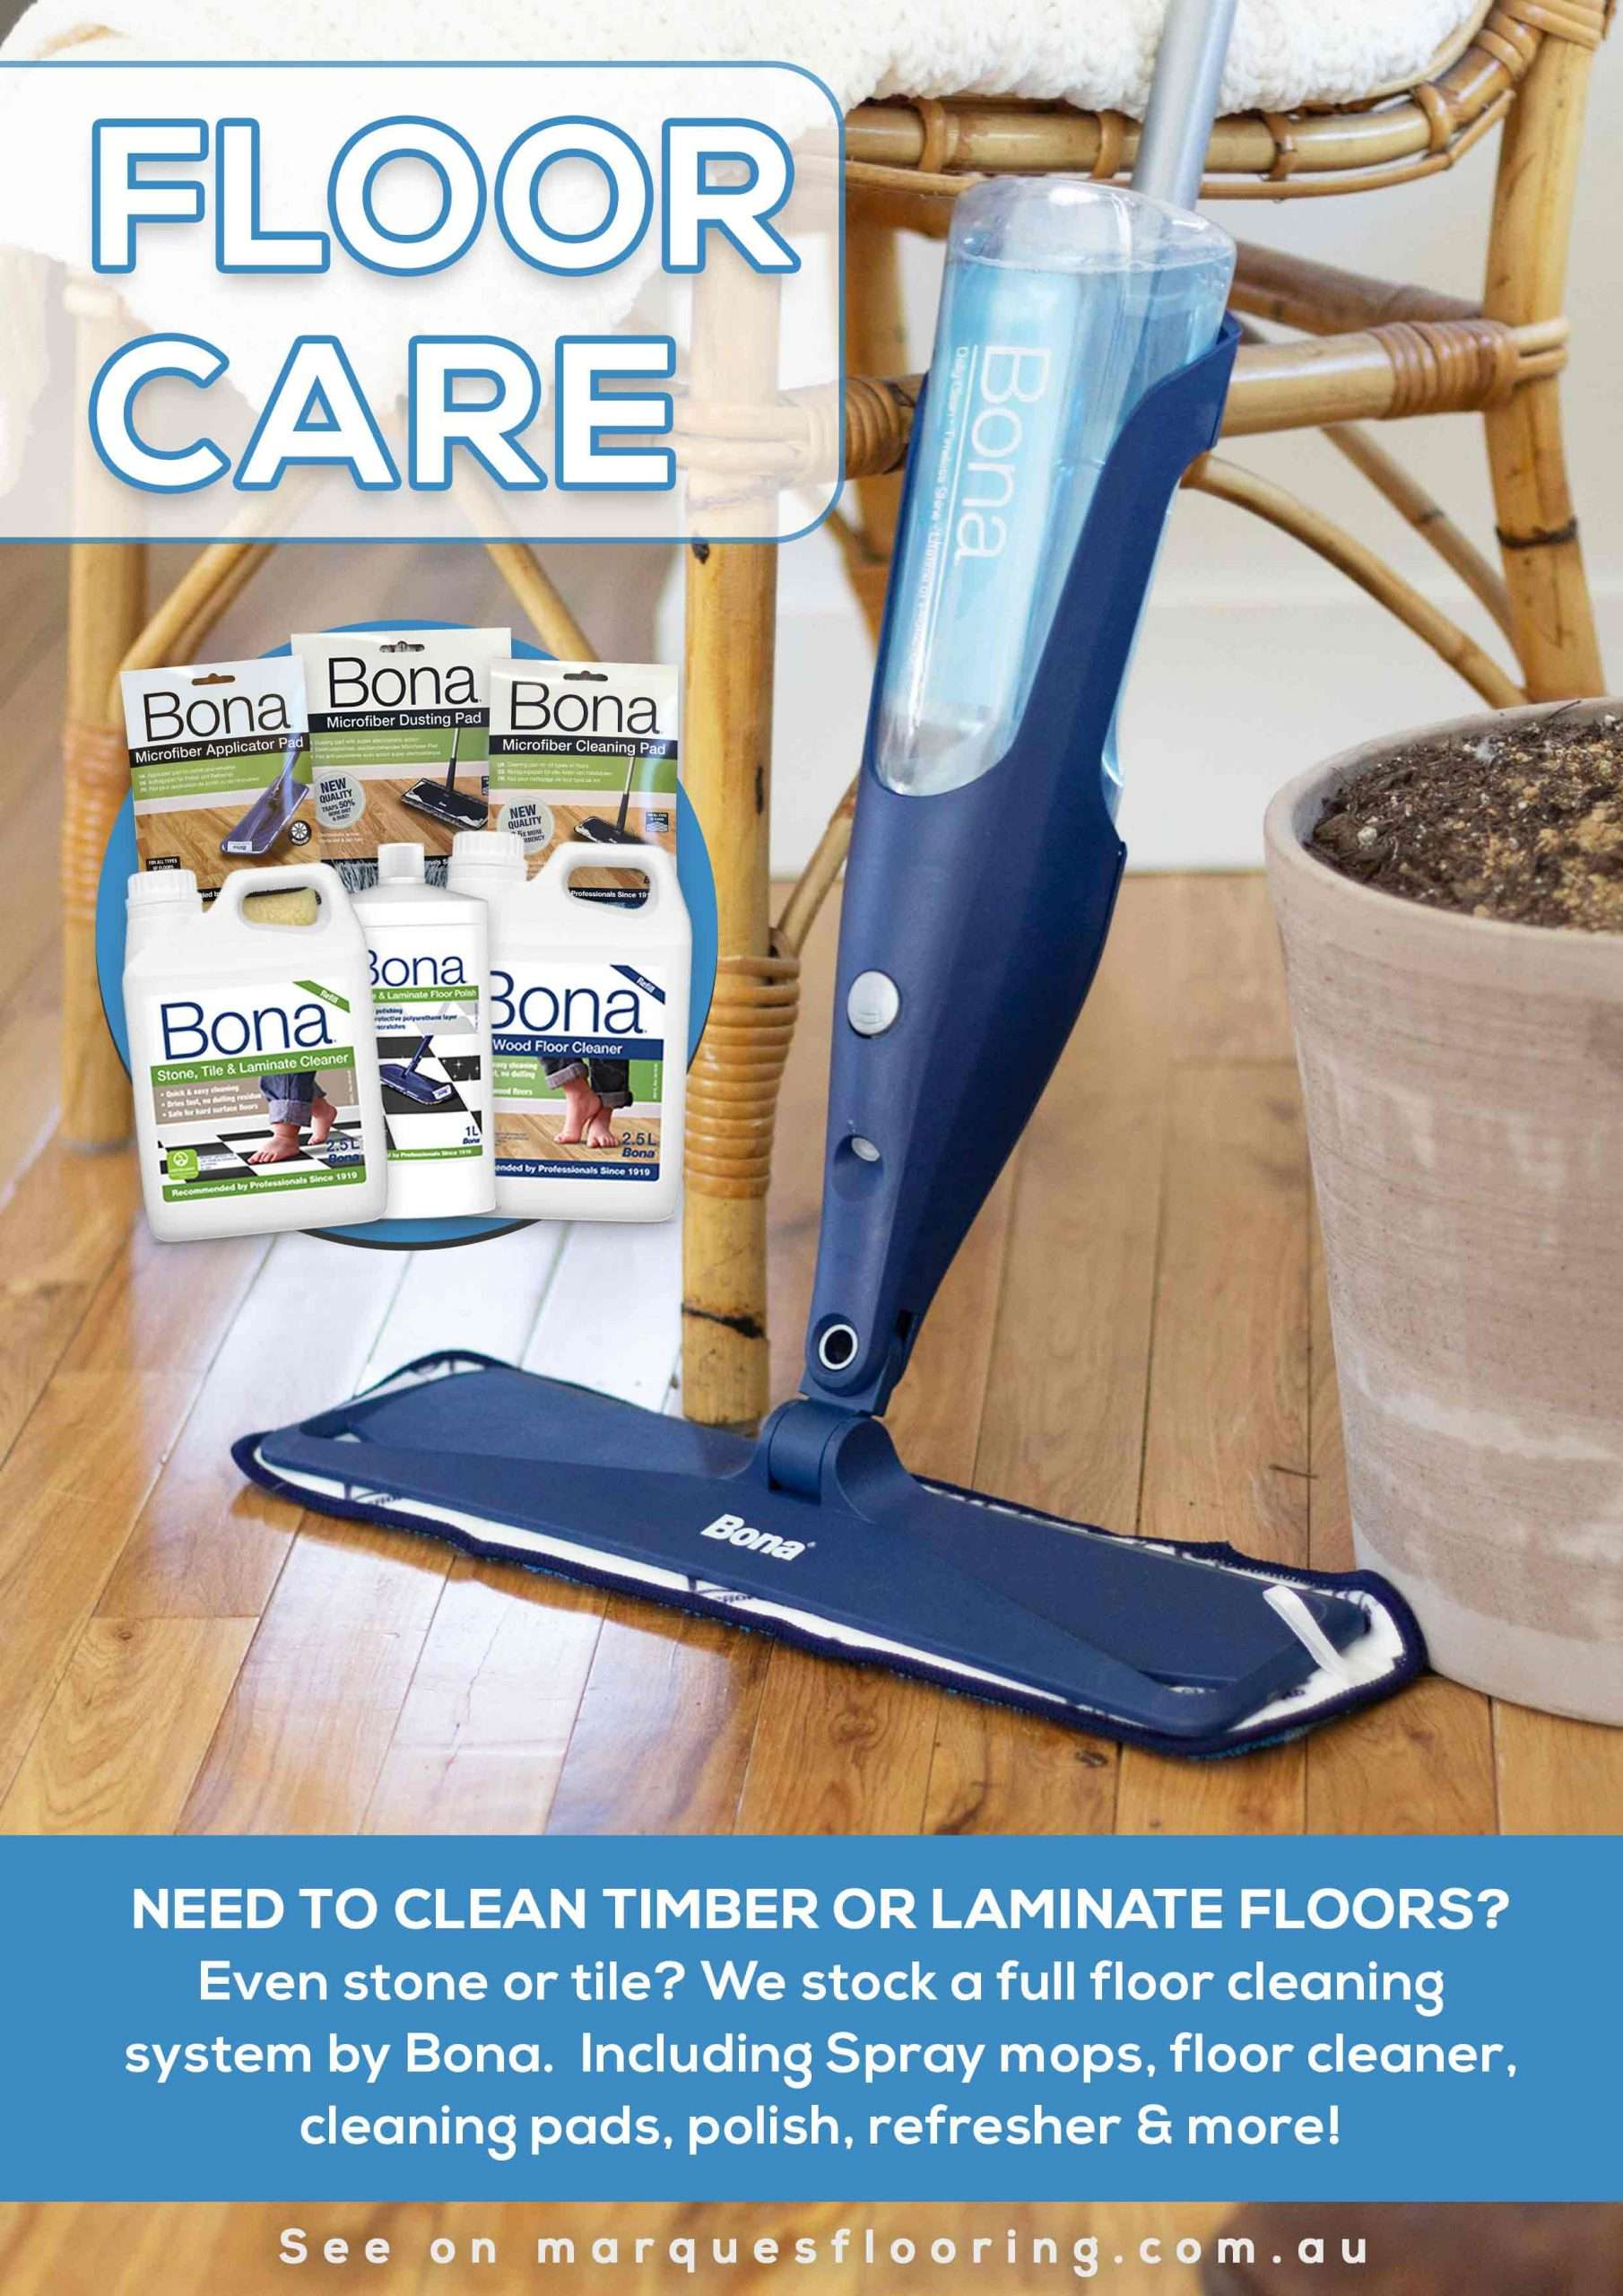 bona-floor-care-may-02-website